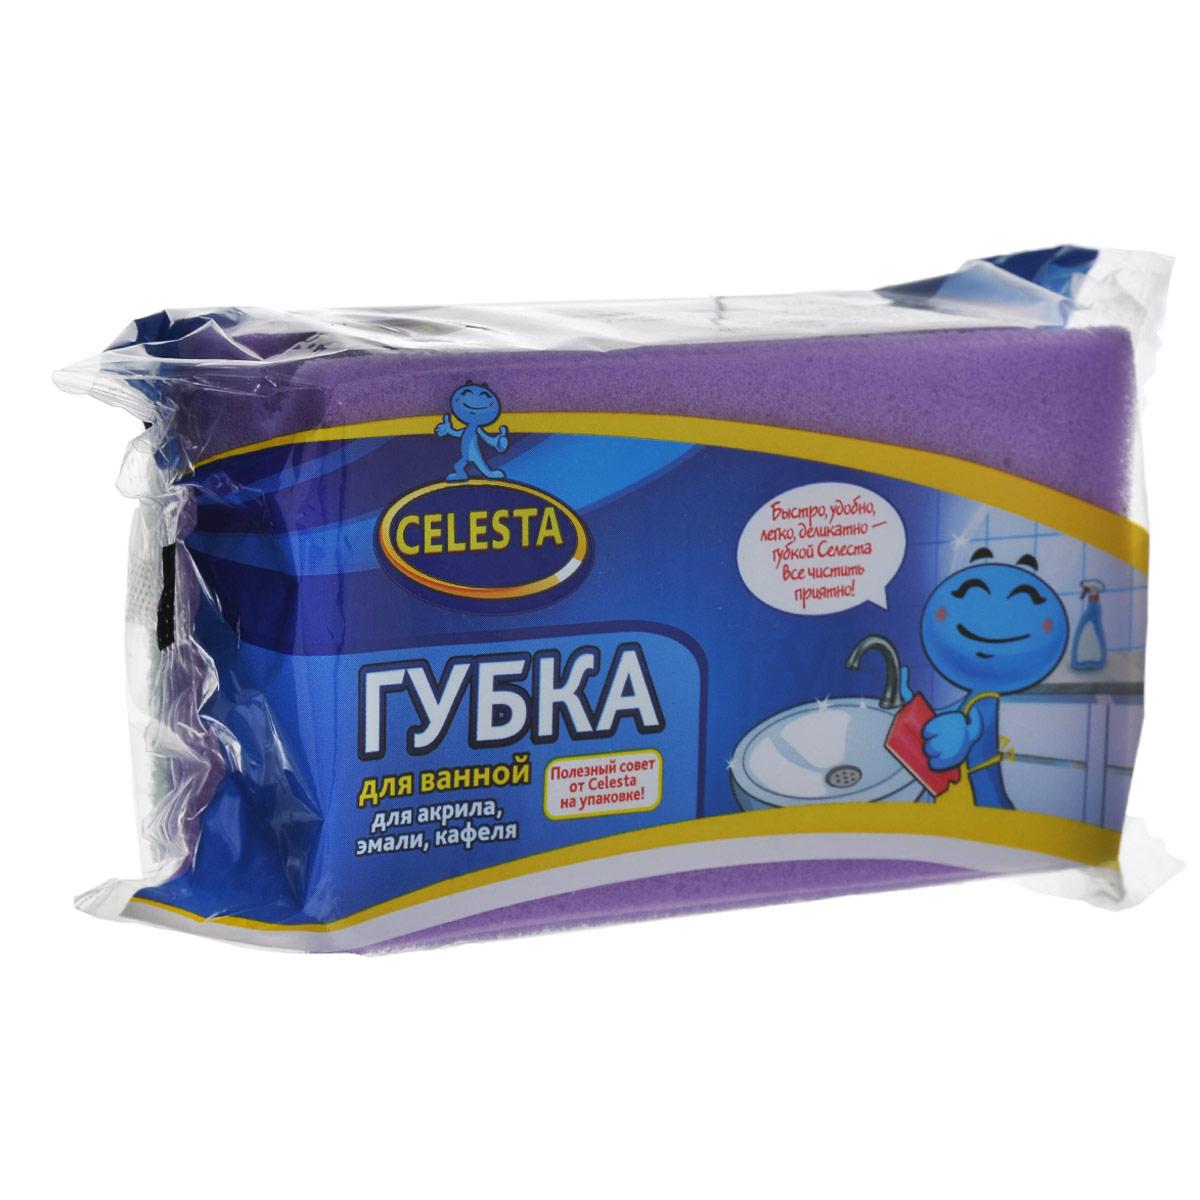 Губка для мытья ванной Celesta, цвет: фиолетовый4499 фиолетовыйГубка для ванной Celesta, изготовленная из поролона и фибры, бережно и чистопоможет помыть ванну из акрила, эмали, кафеля. Жесткий слой легко справляетсяс сильными загрязнениями.